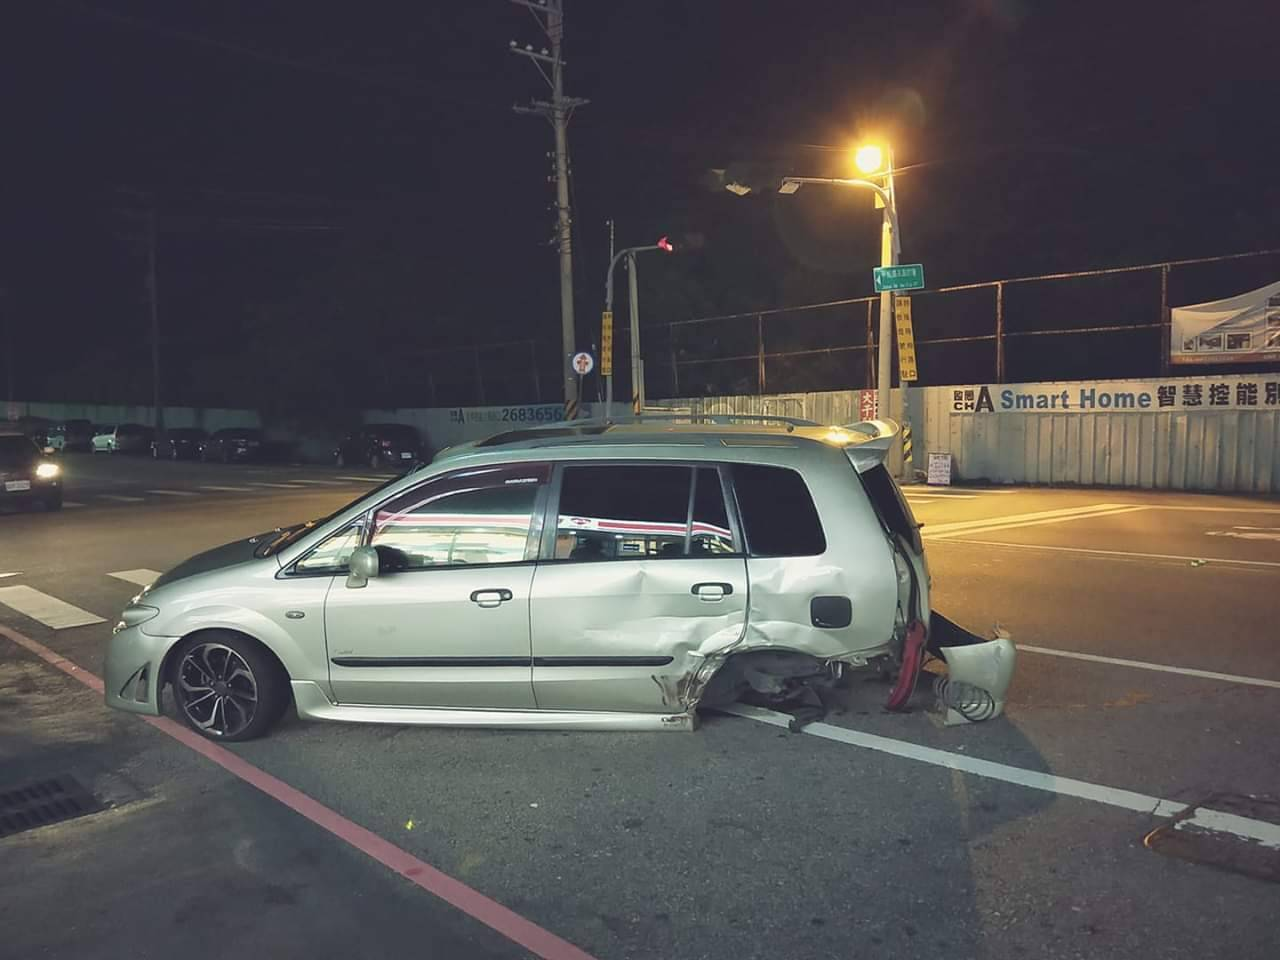 台中市大甲區昨晚發生車禍,沒酒駕的駕駛受傷,左後車輪被撞飛。圖/取自臉書我愛大甲...